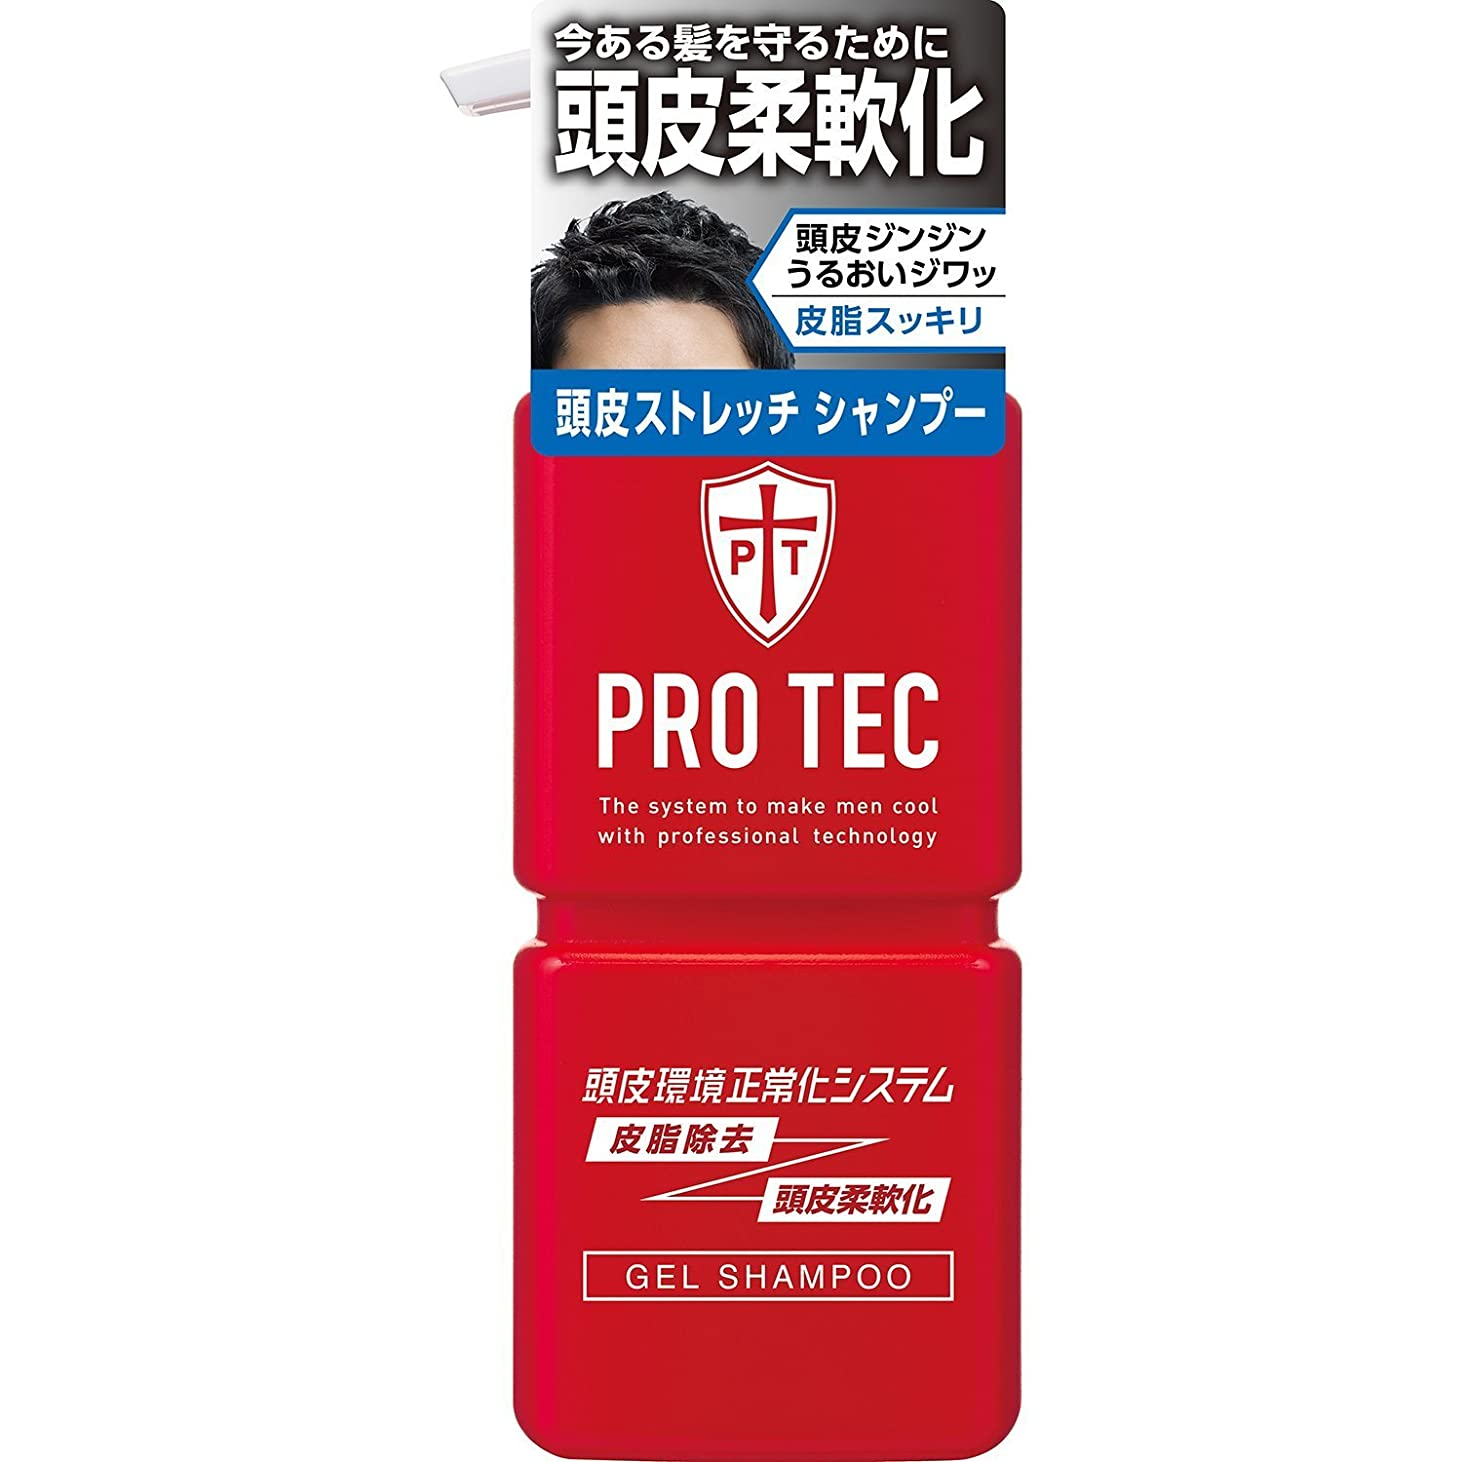 エイリアス予感官僚PRO TEC(プロテク) 頭皮ストレッチ シャンプー 本体ポンプ 300g(医薬部外品)